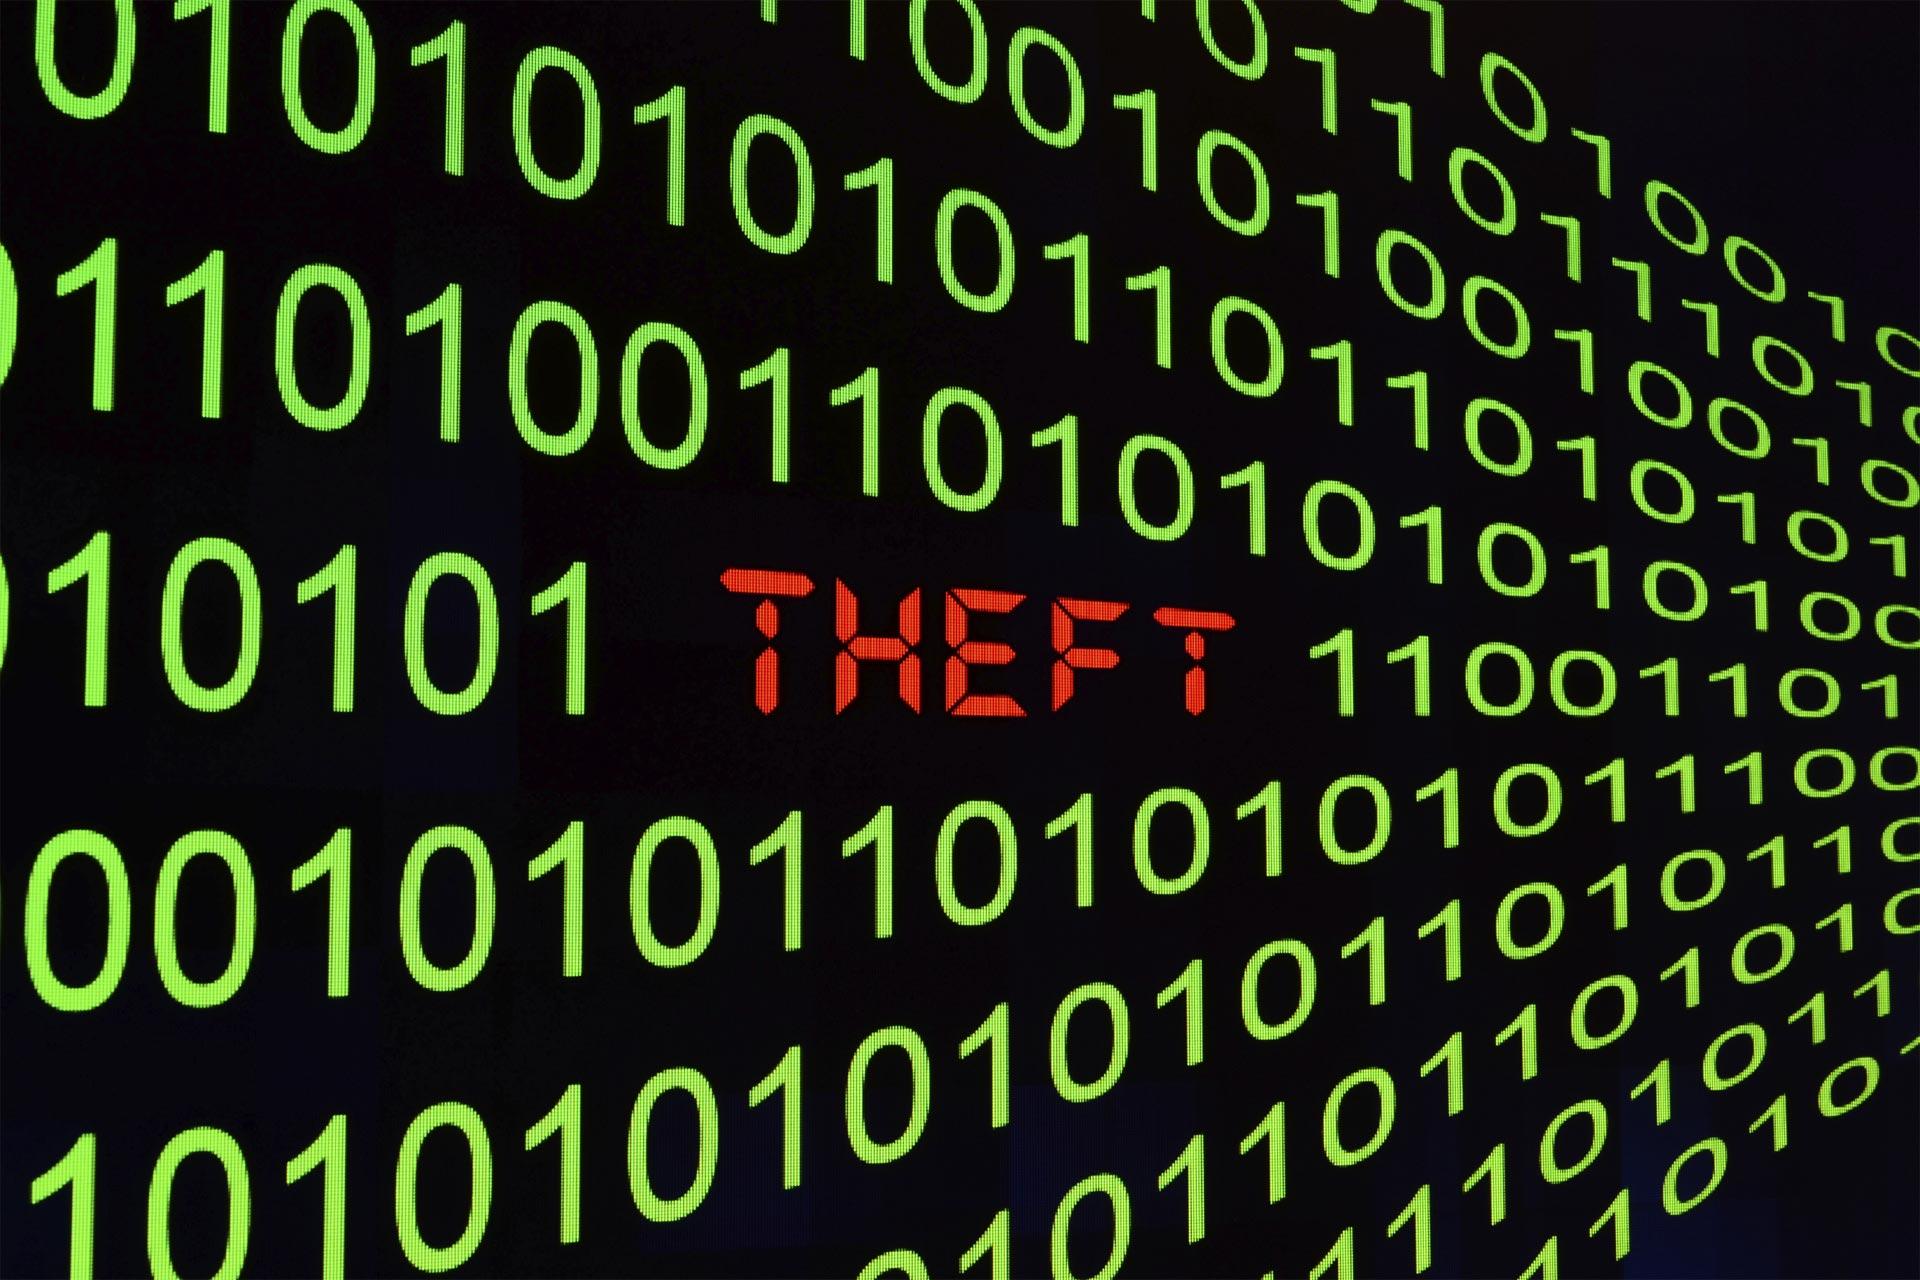 Actualmente es común usar el móvil para chequear estados de cuenta, pero esto puede ser peligroso